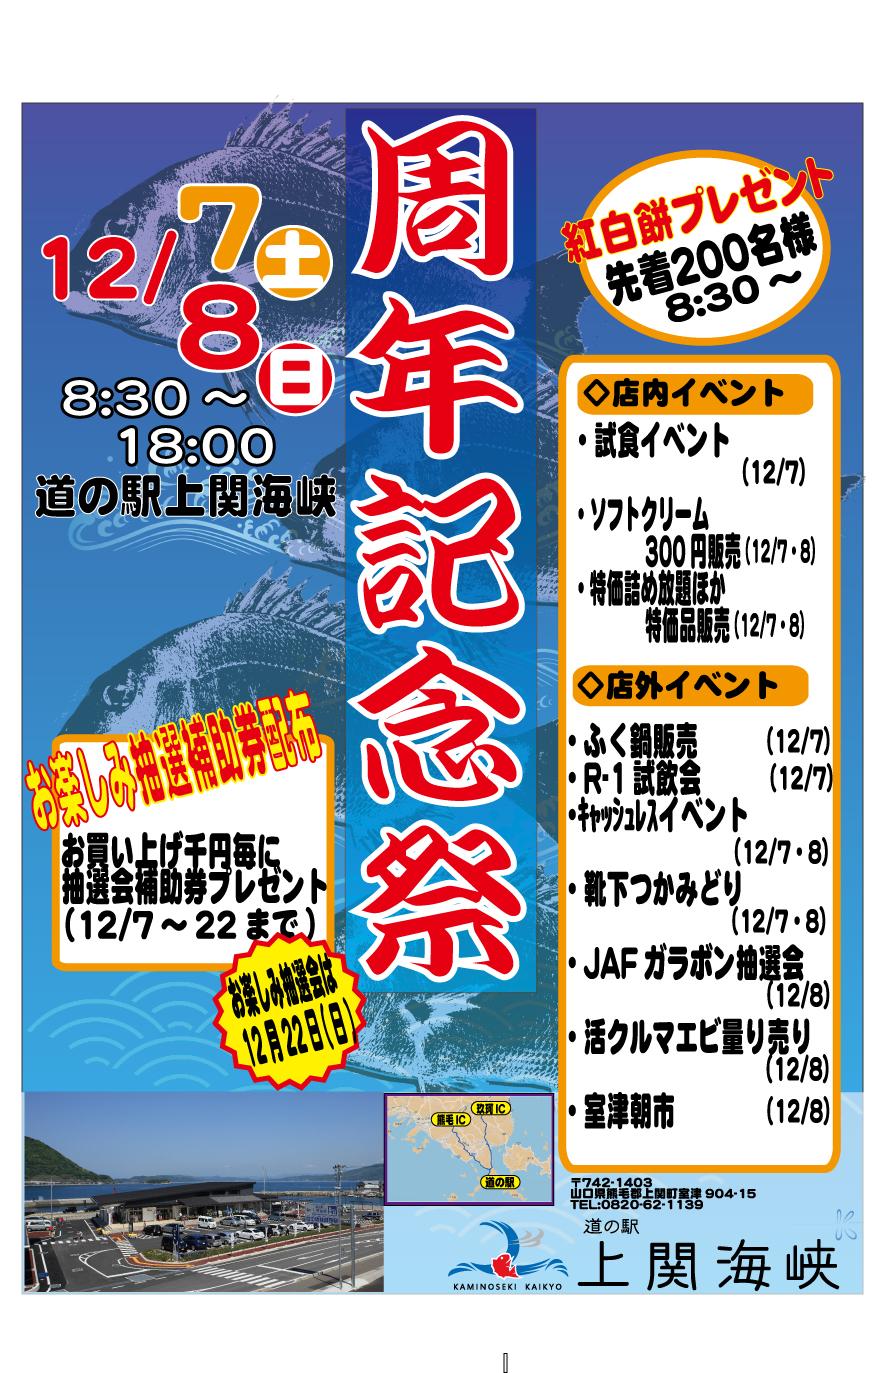 ♪♪ 周年記念祭 開催 ♪♪